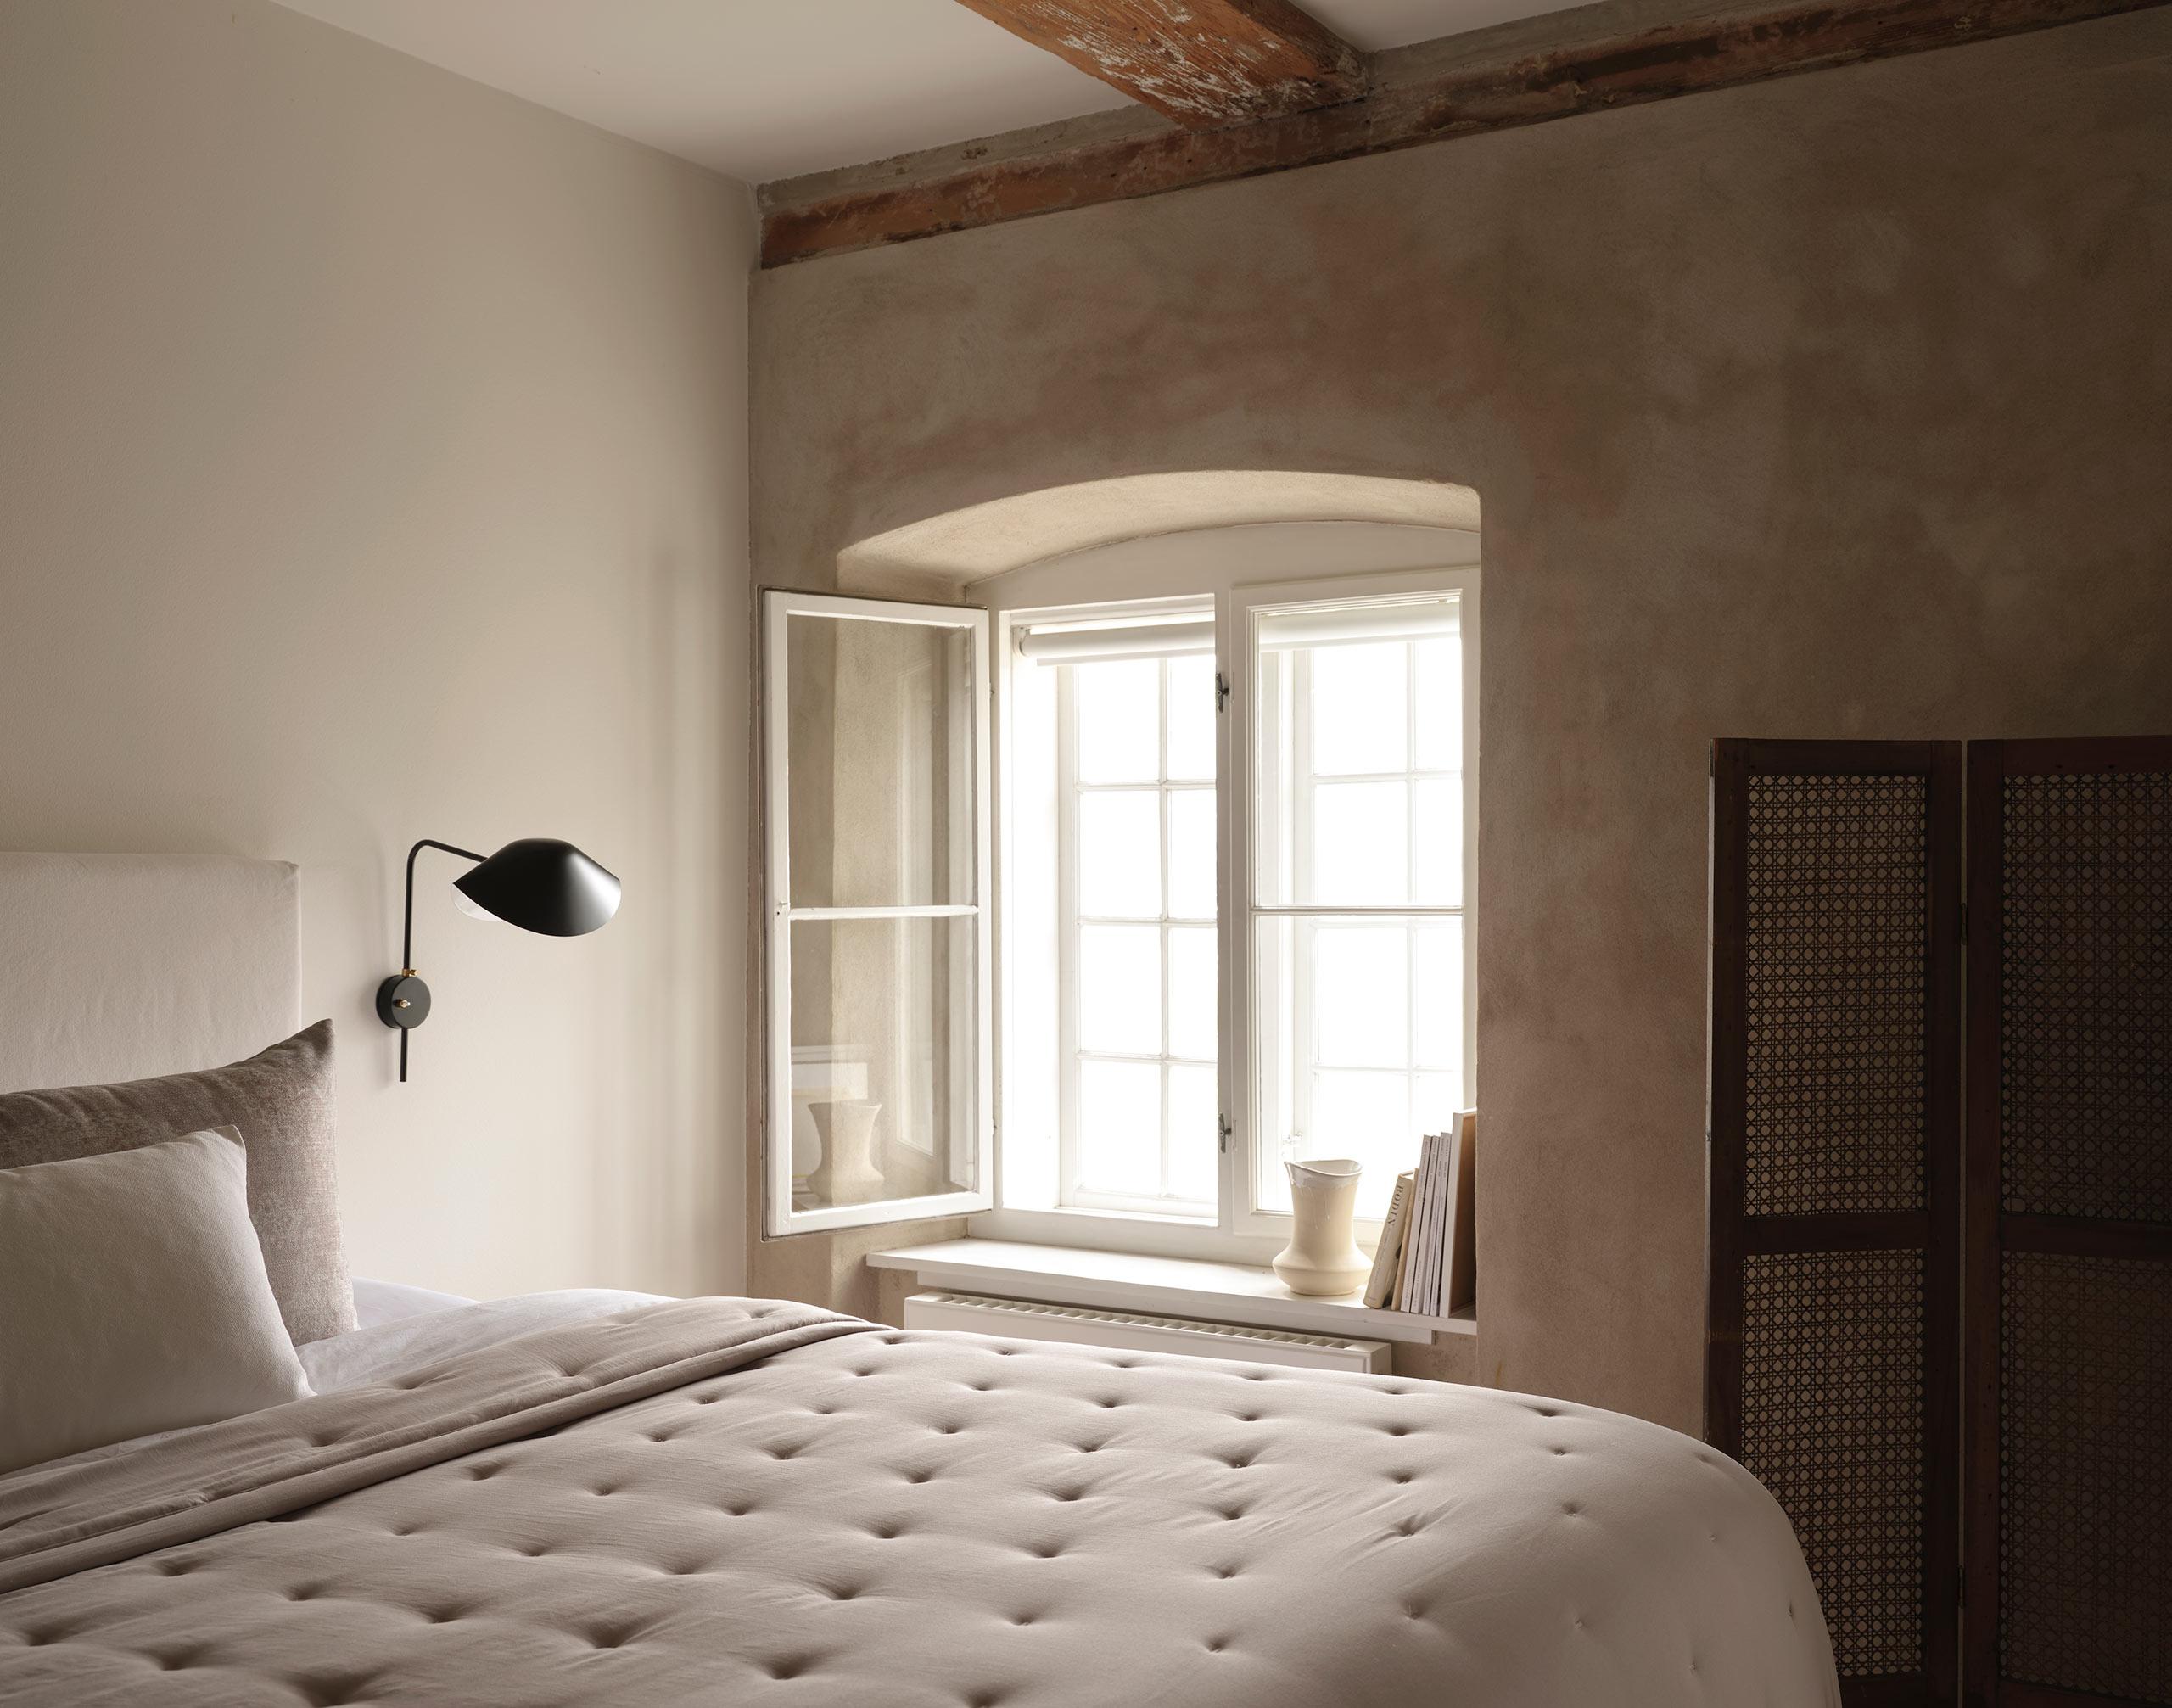 Zara Home FW 2019 bedroom